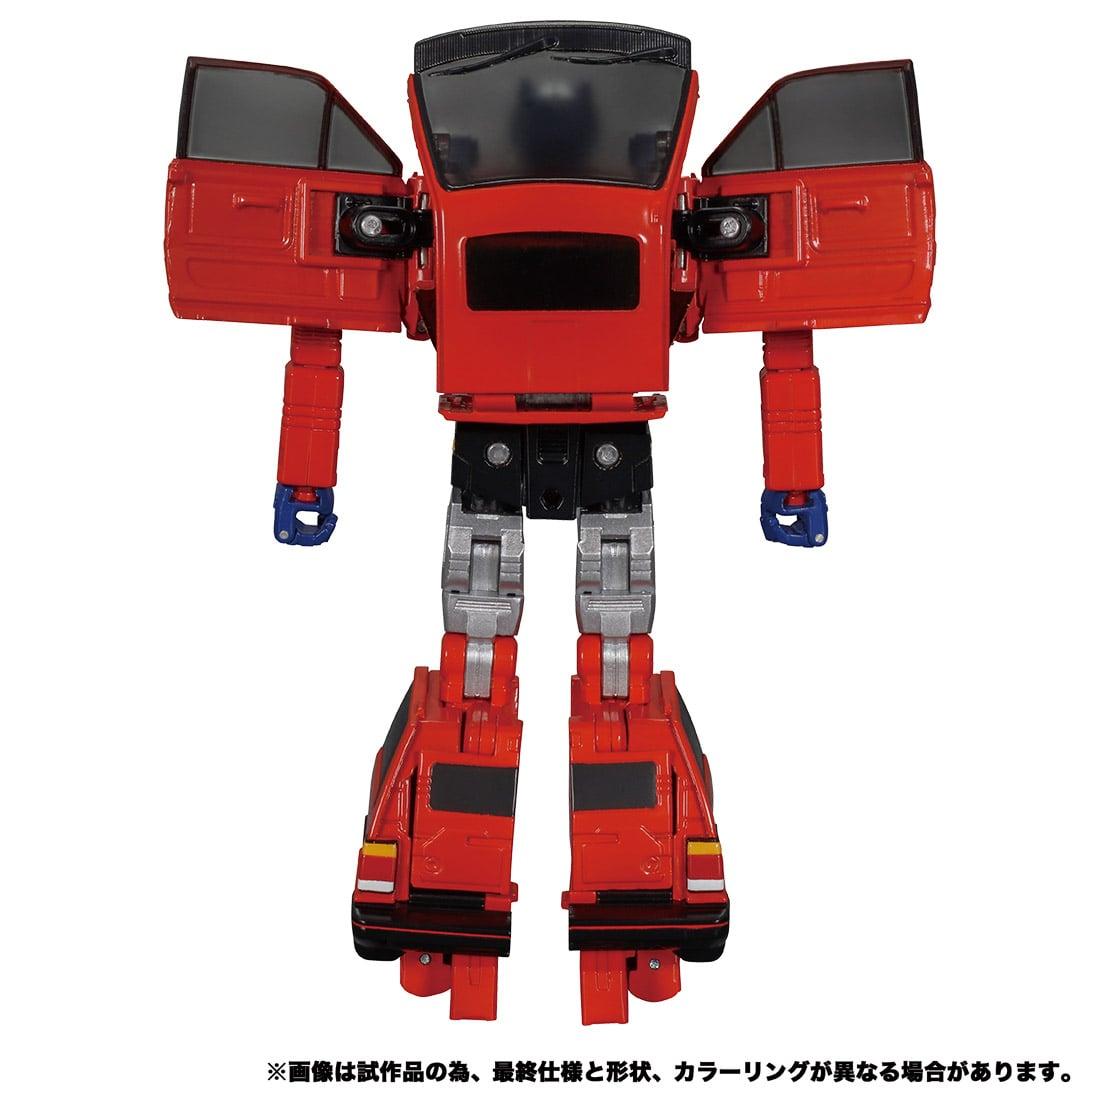 マスターピース『MP-53 スキッズ』トランスフォーマー 可変可動フィギュア-013